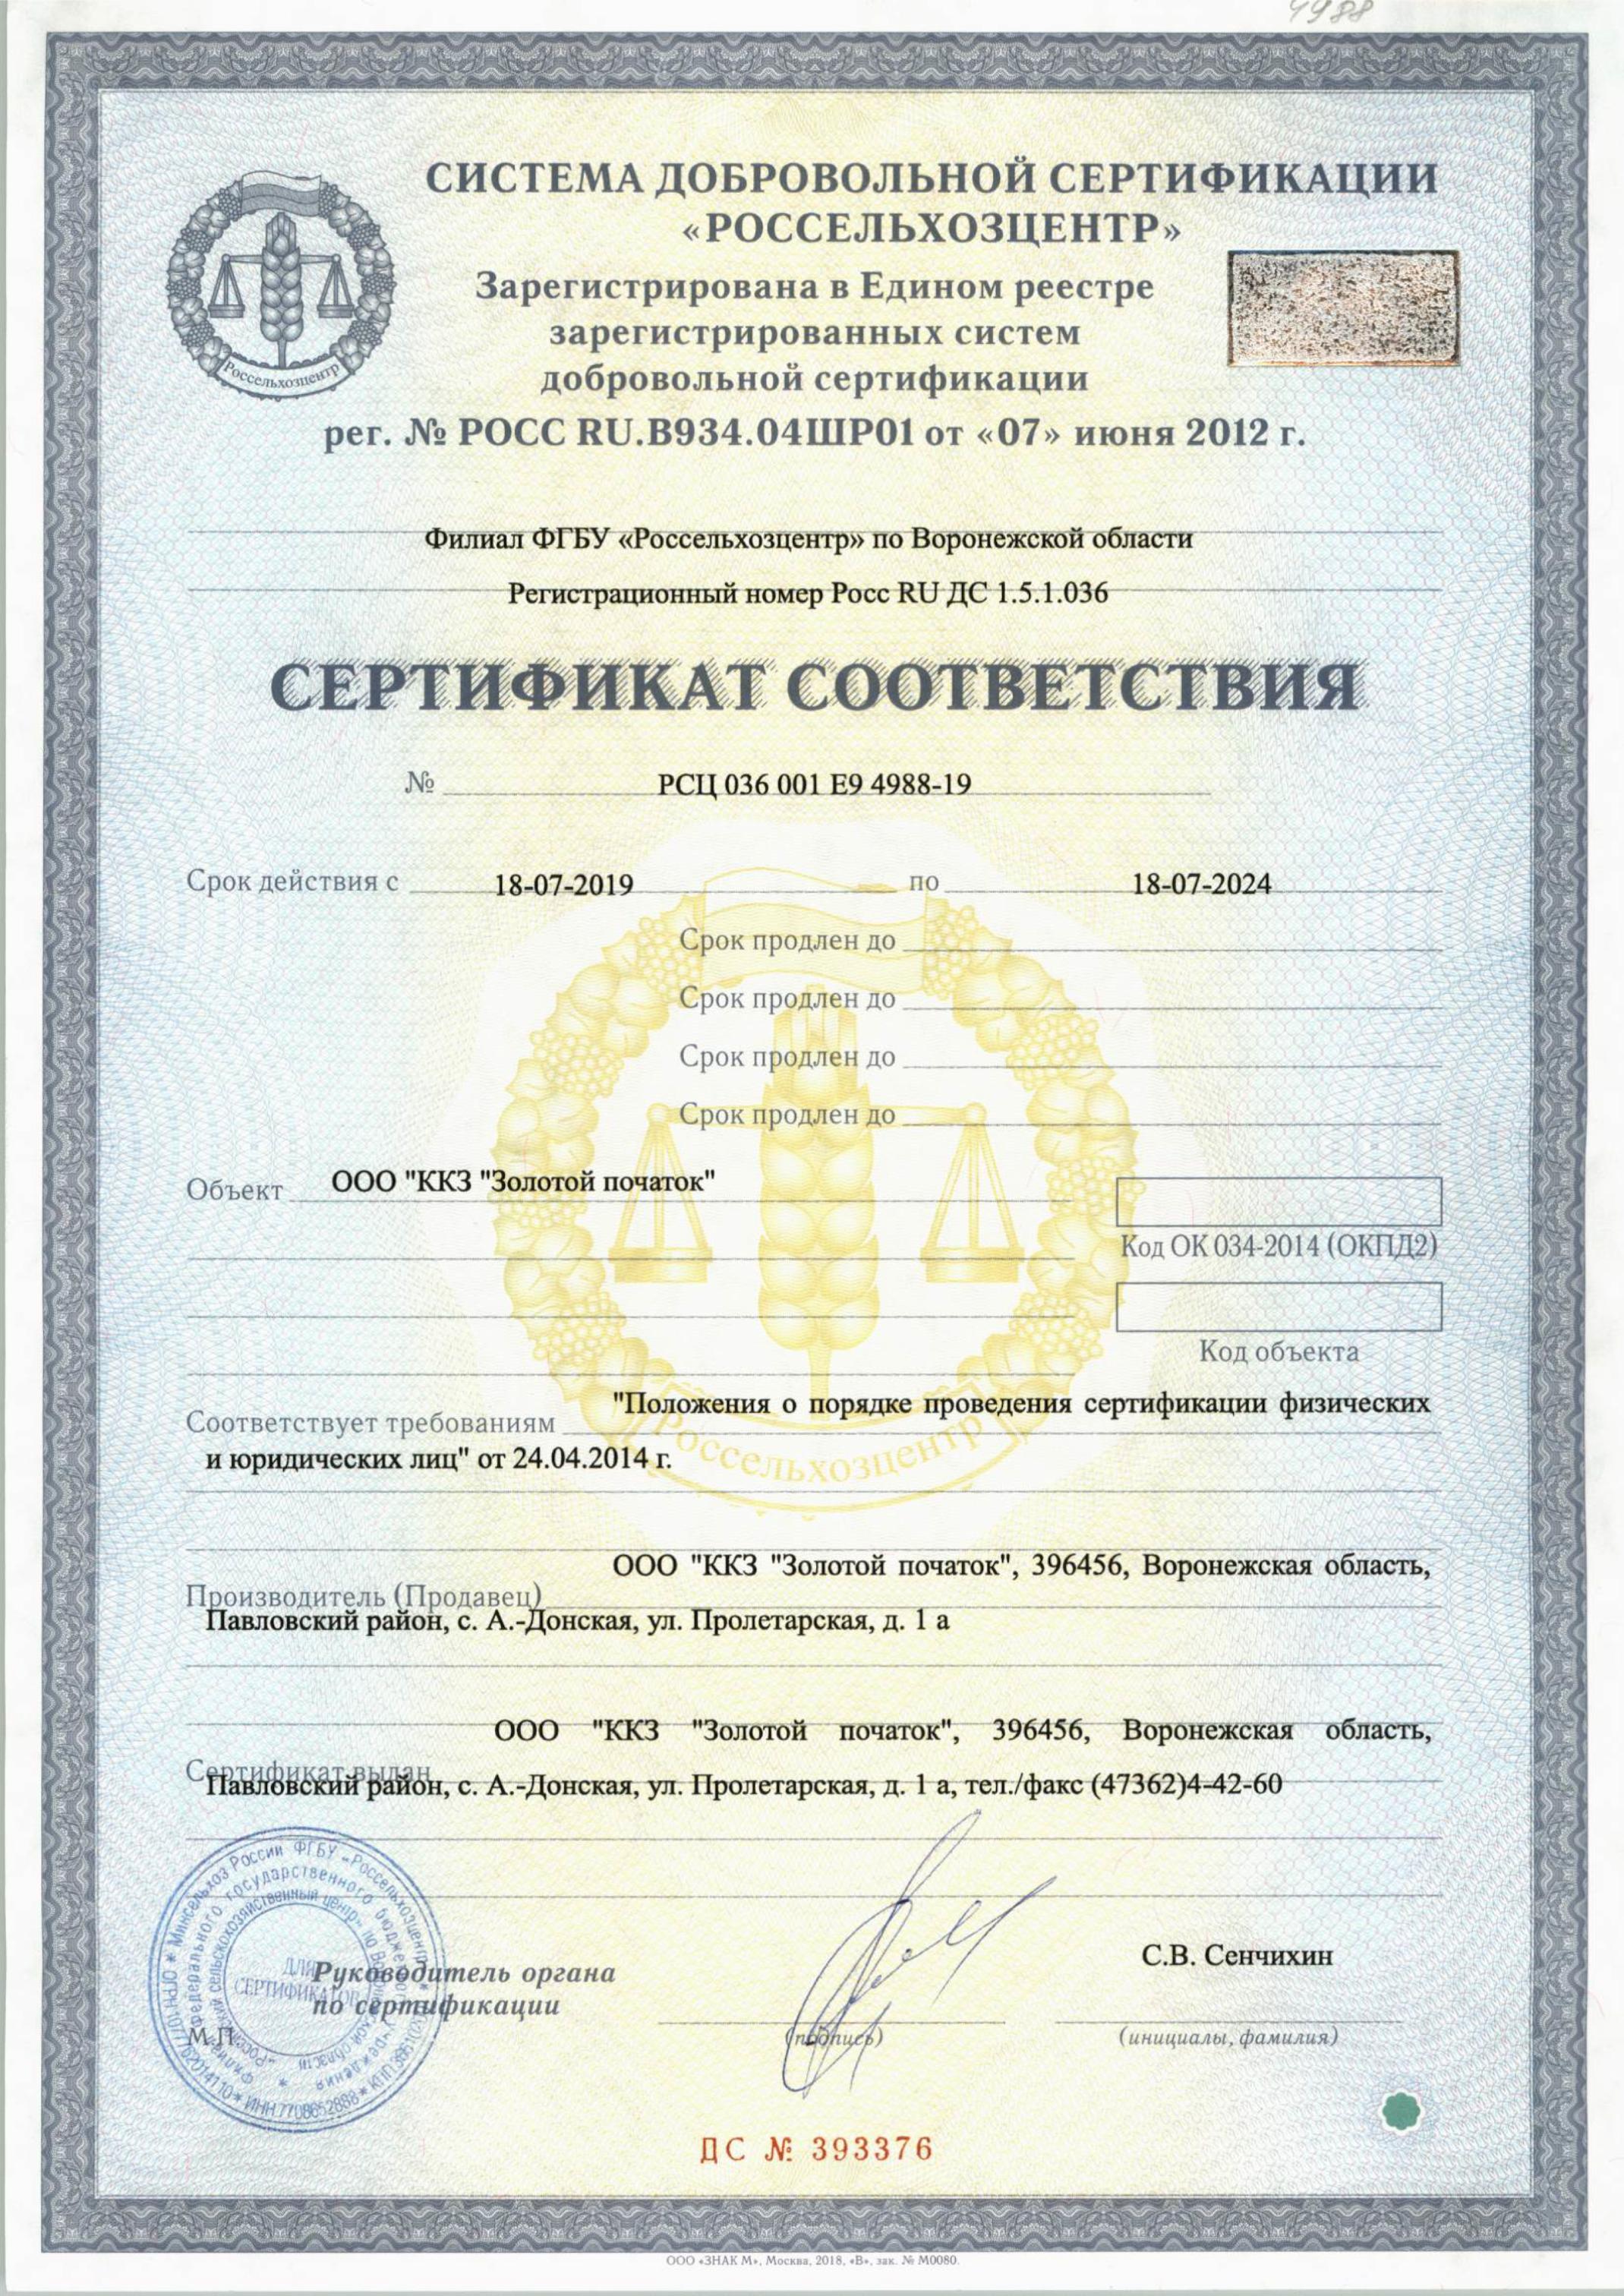 Сертификат соответствия Золотой початок 1